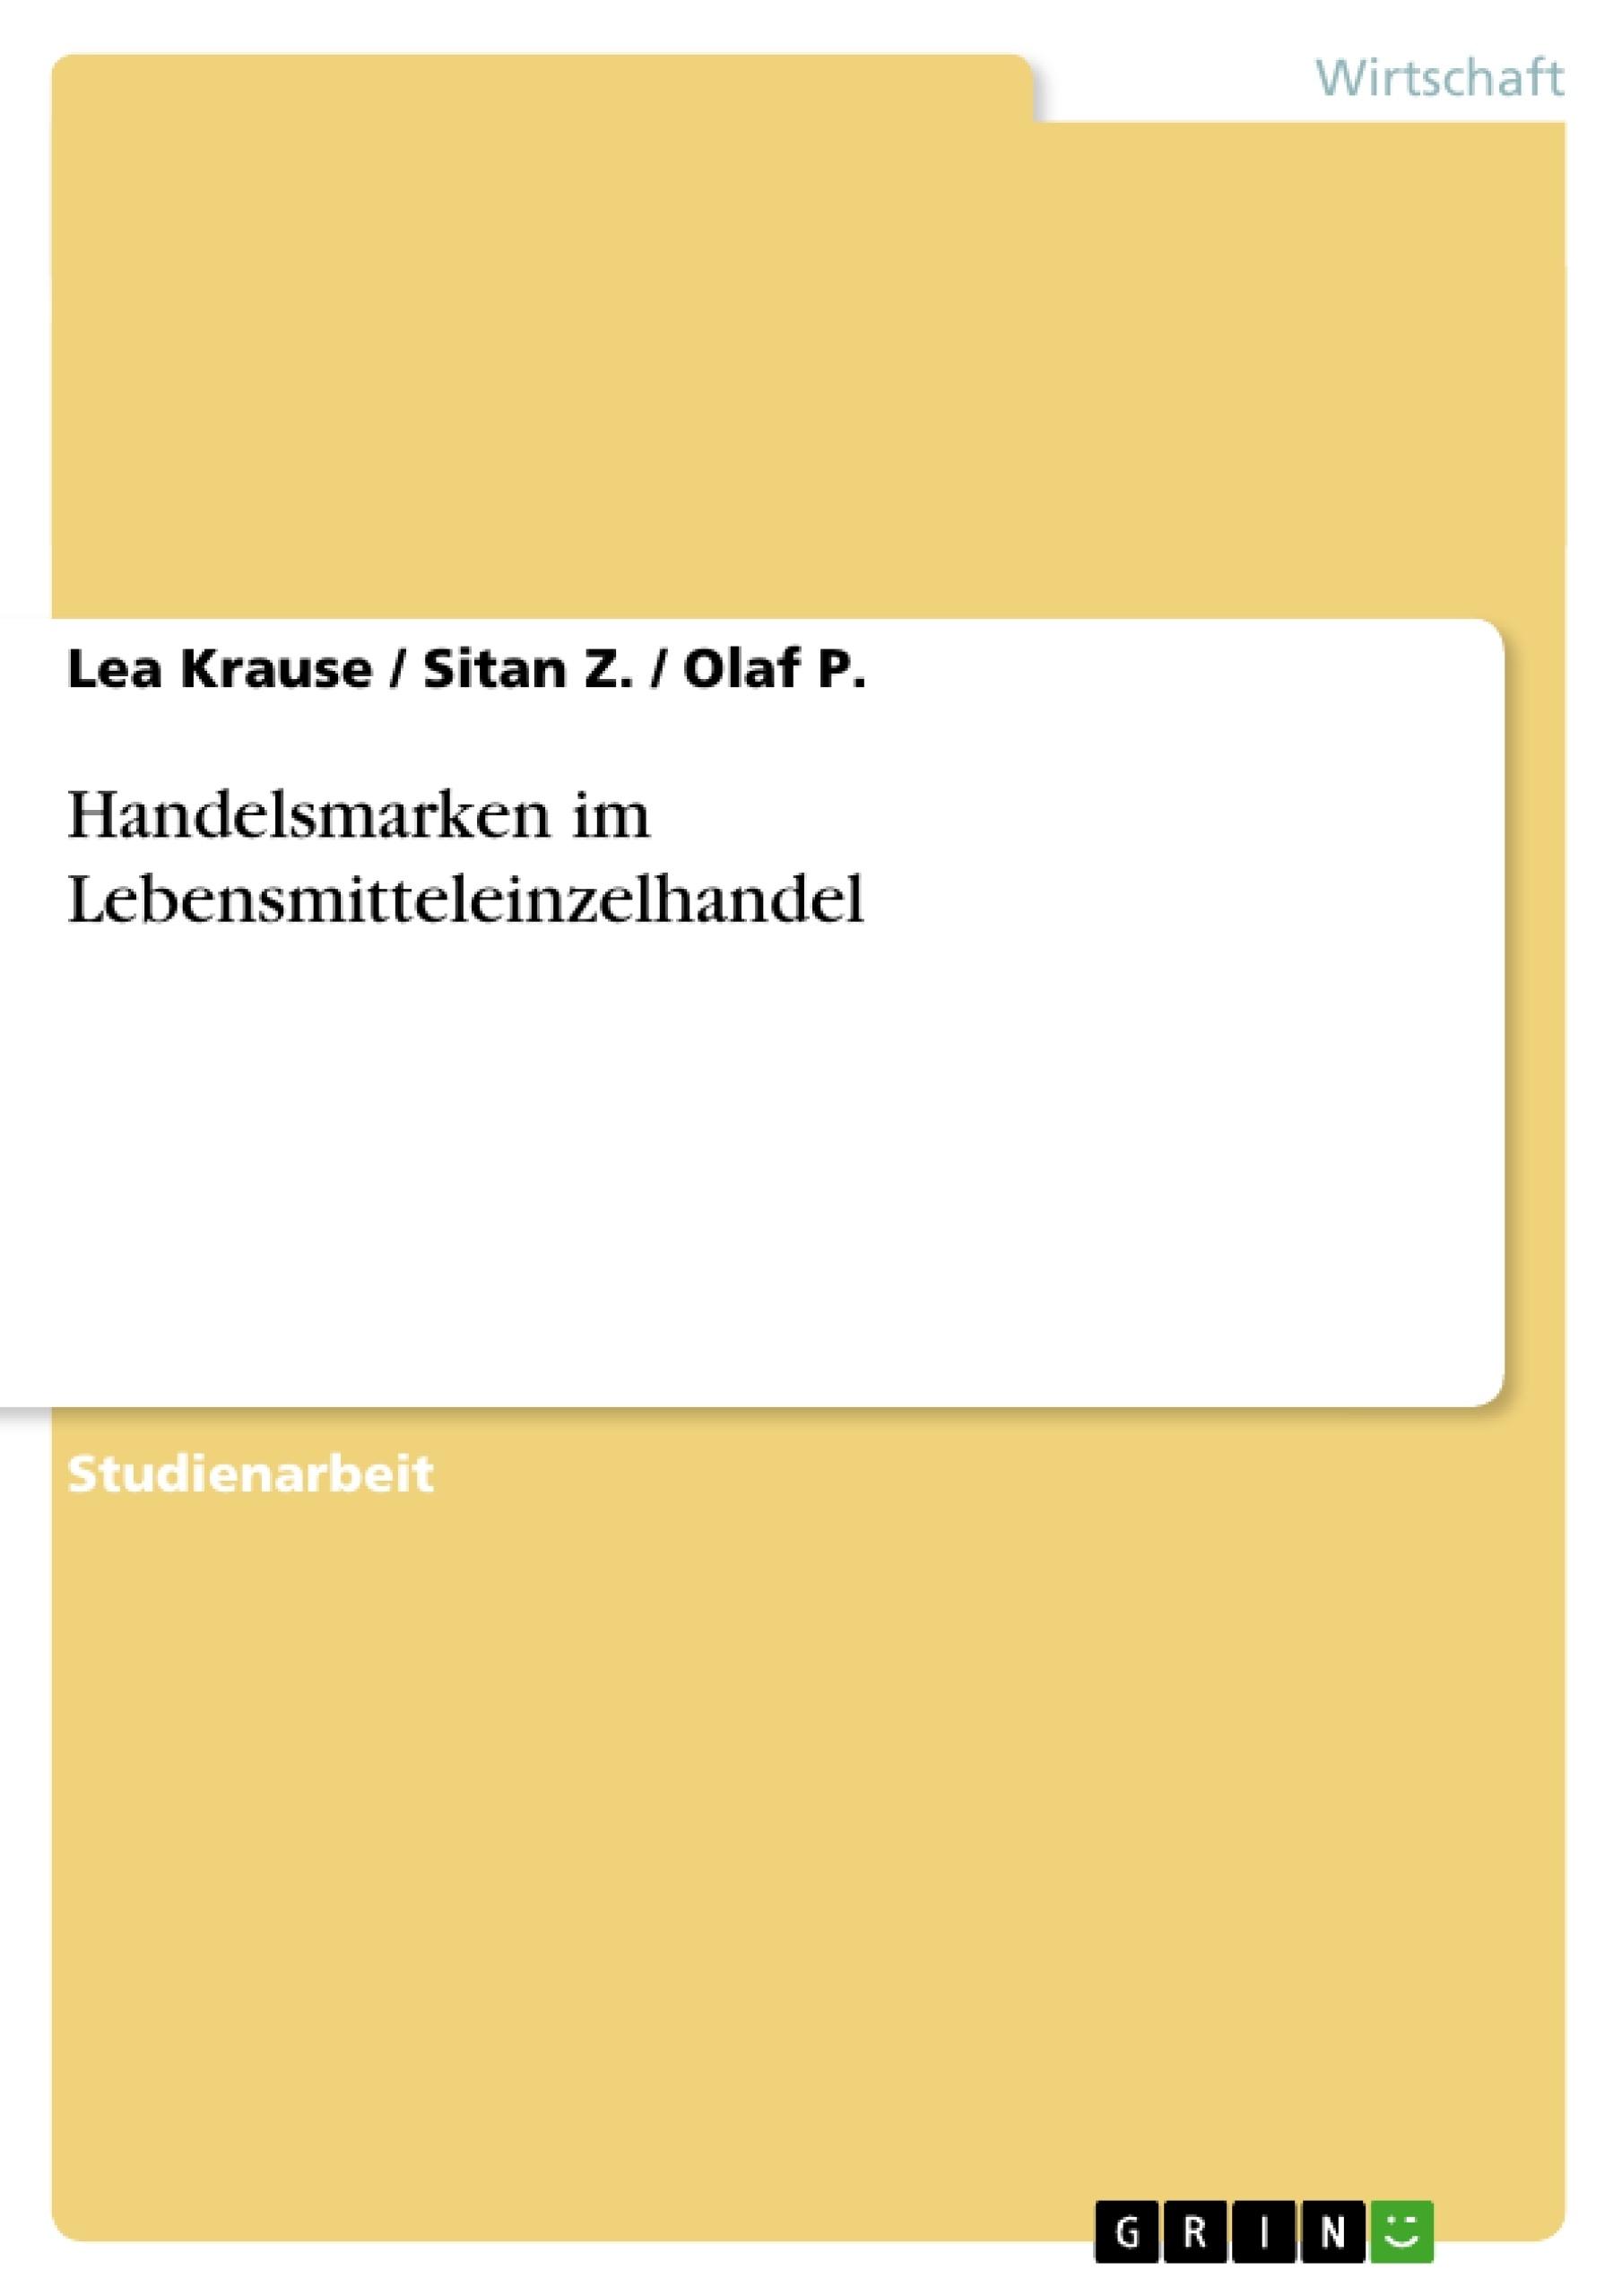 Titel: Handelsmarken im Lebensmitteleinzelhandel